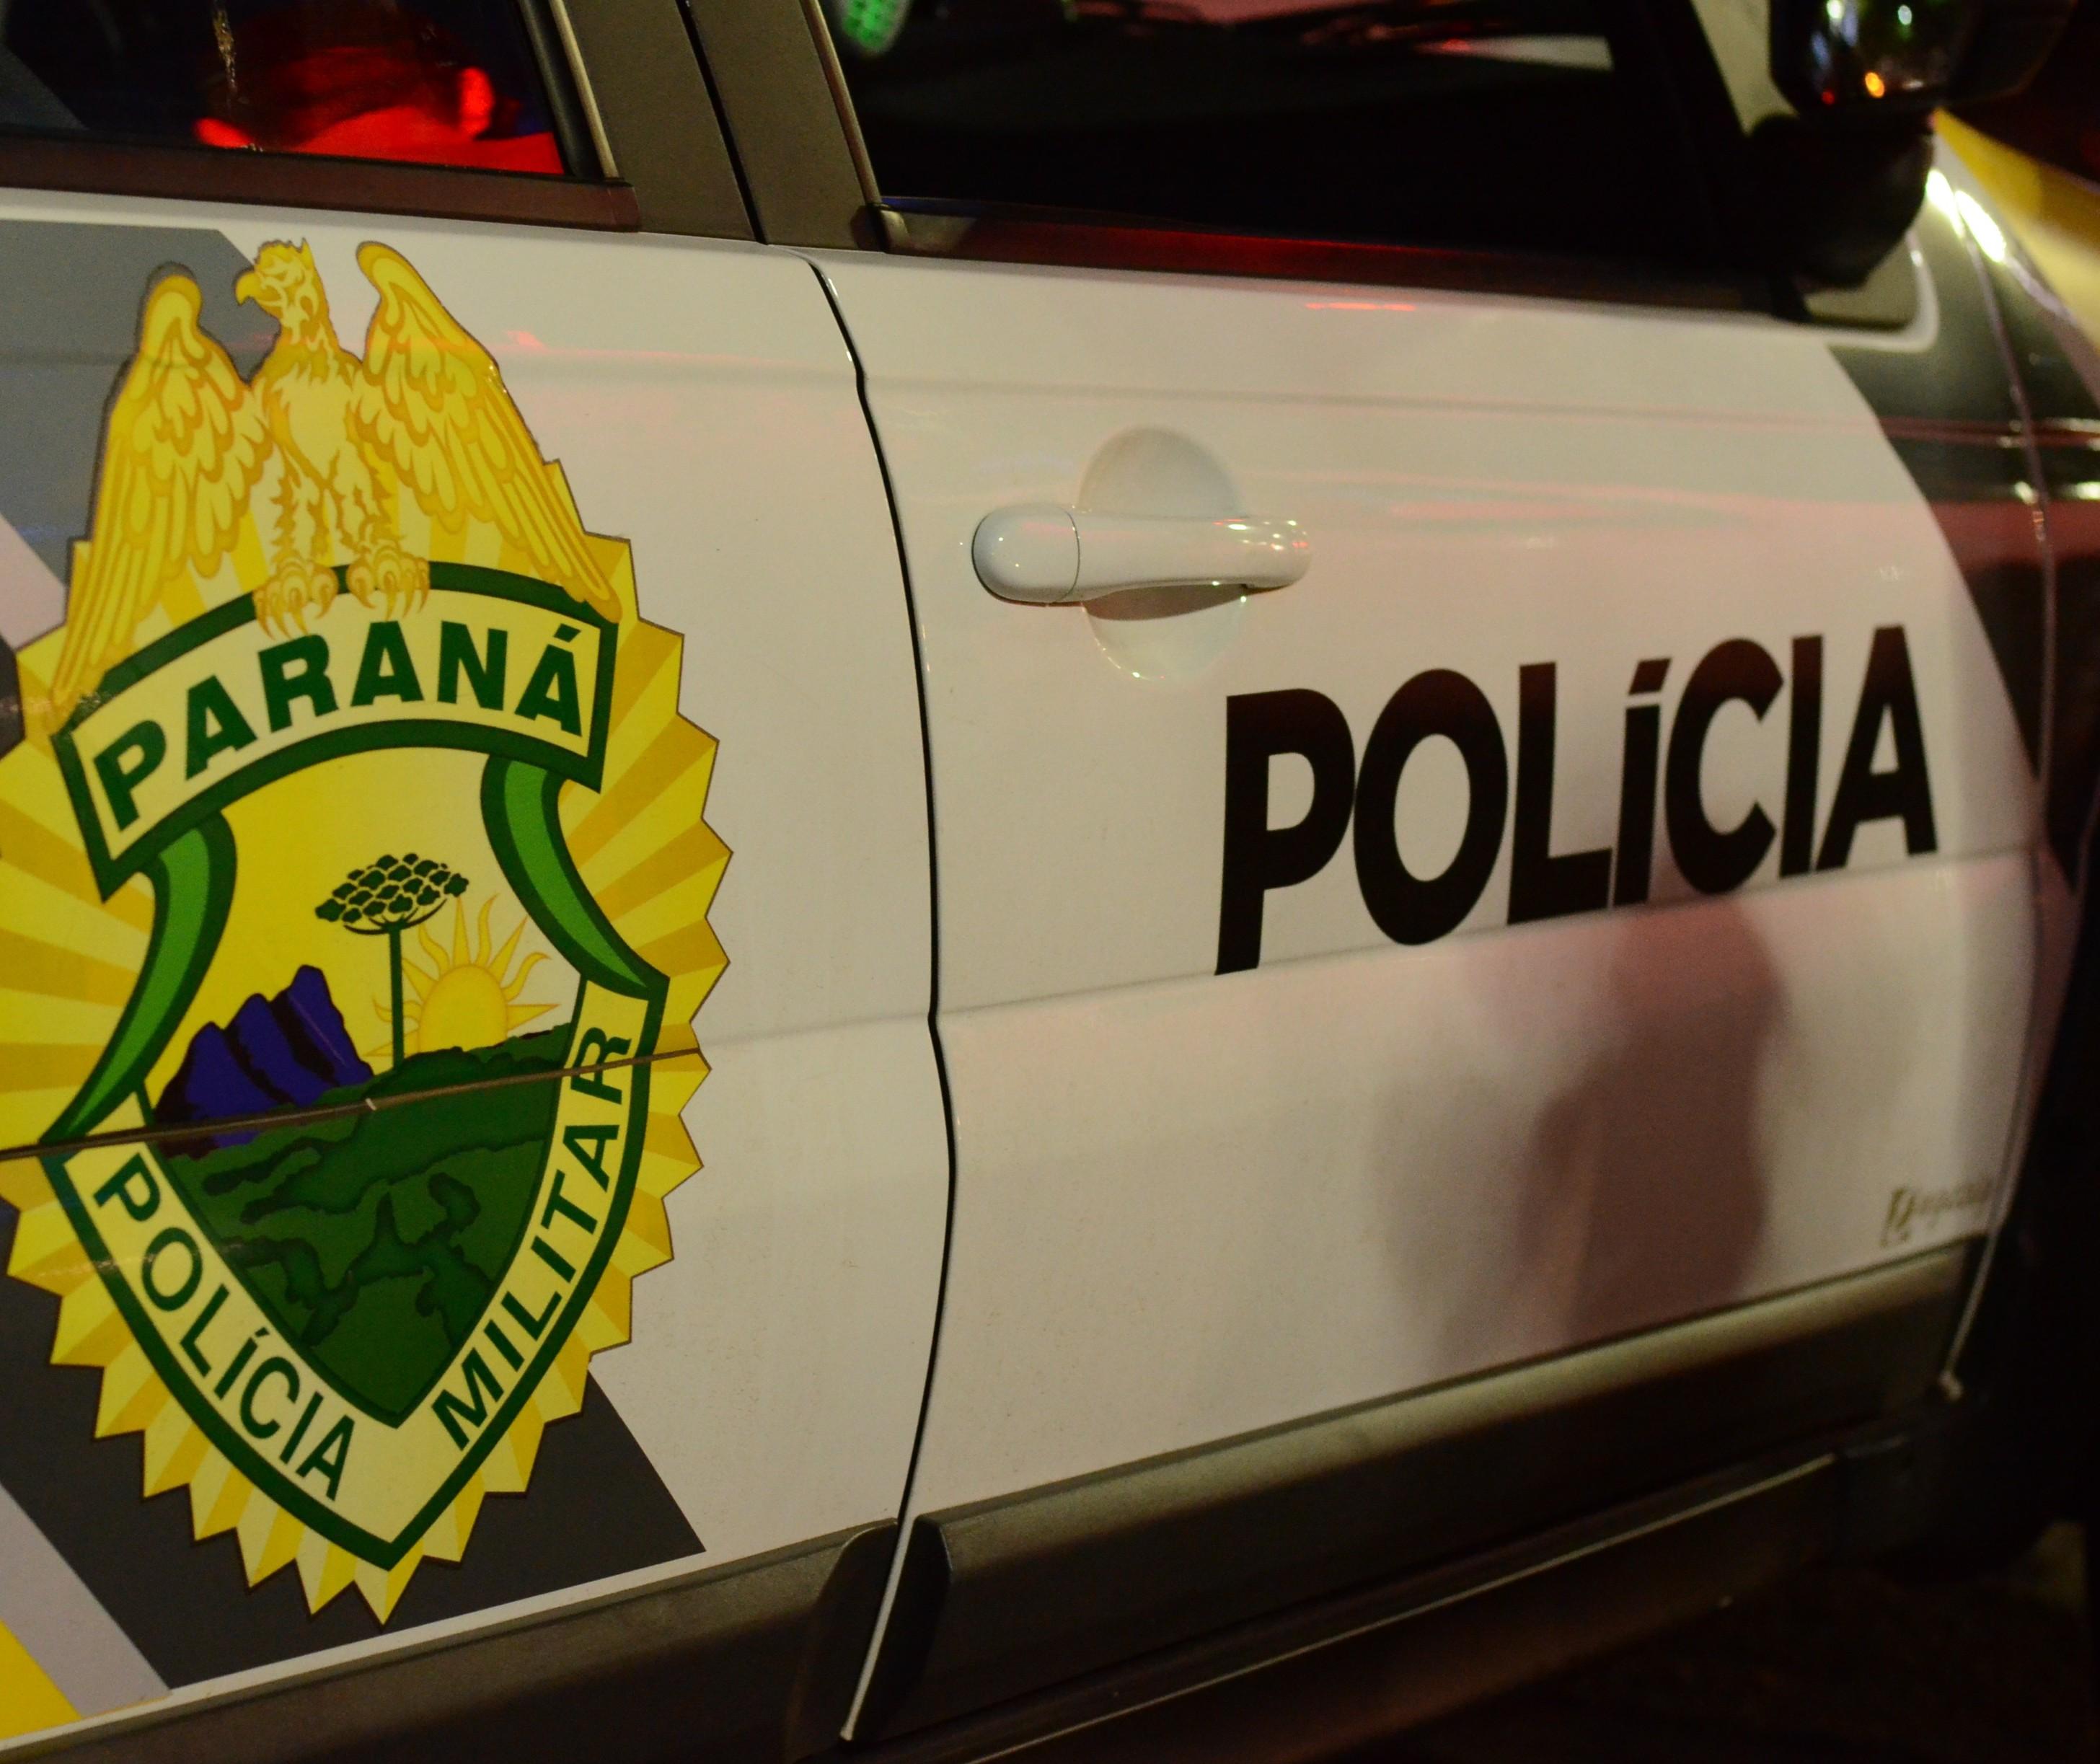 Jovem de 19 anos é preso por tráfico de drogas em Maringá